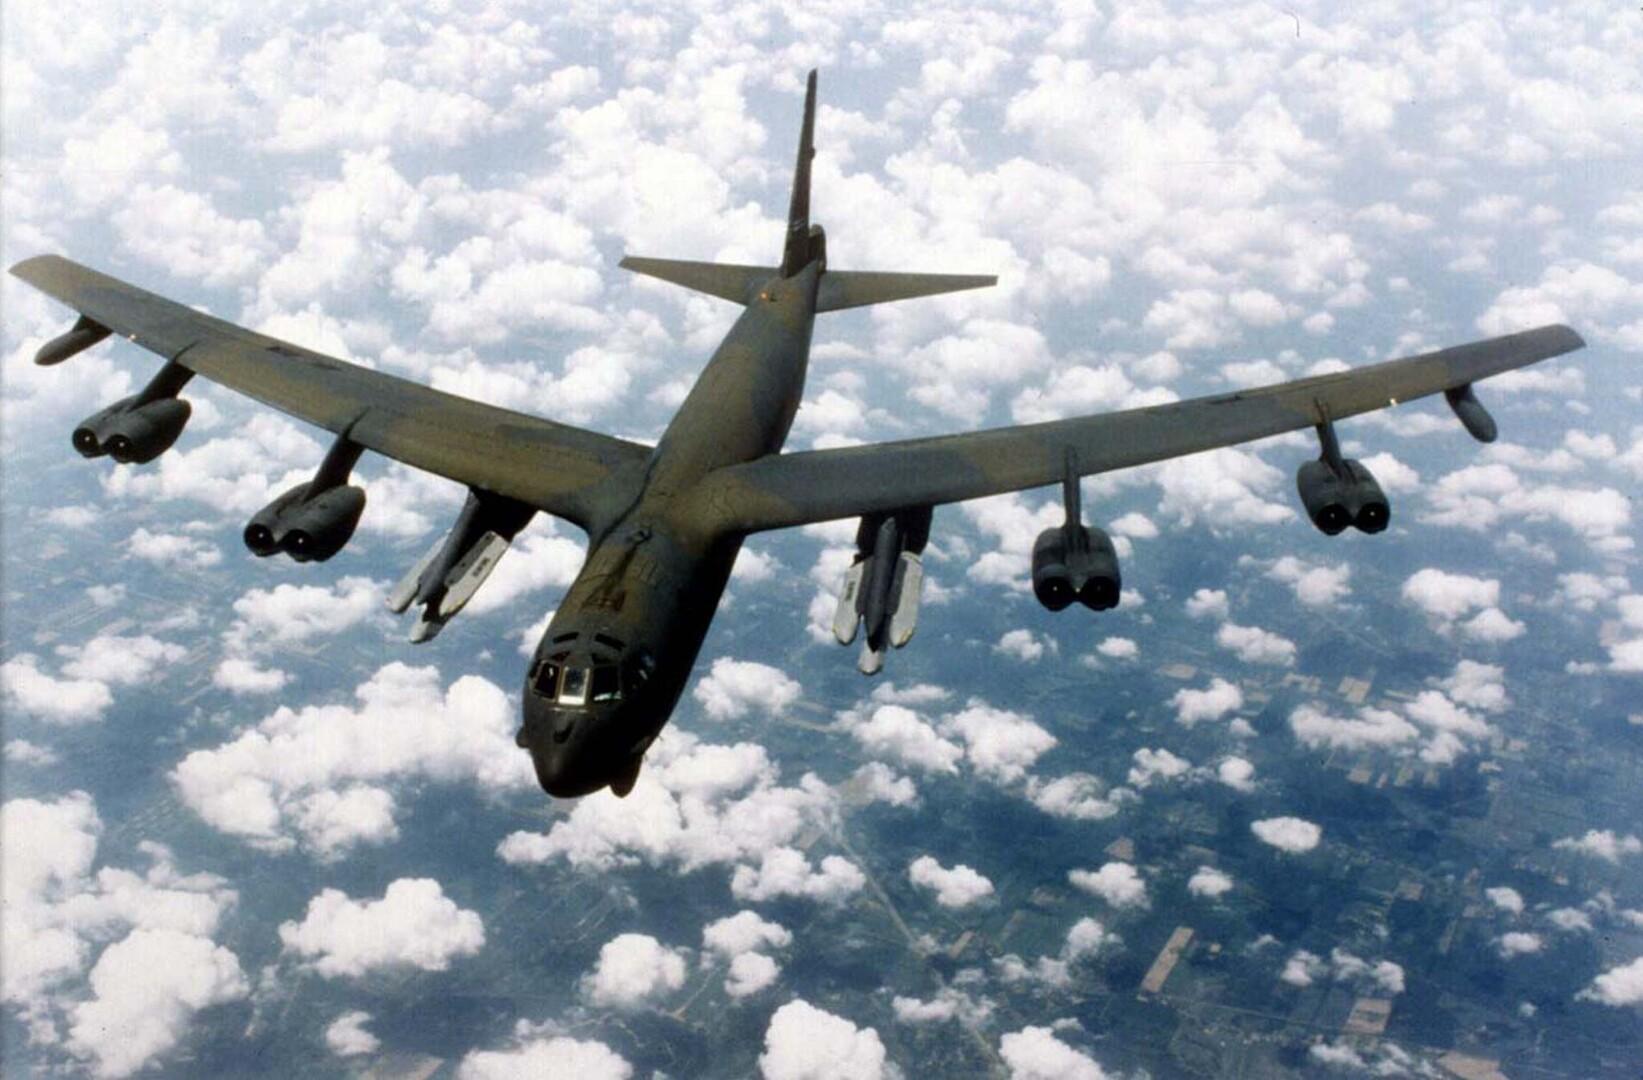 قاذفات استراتيجية أمريكية تتدرب على  توجيه ضربات للأراضي الروسية!